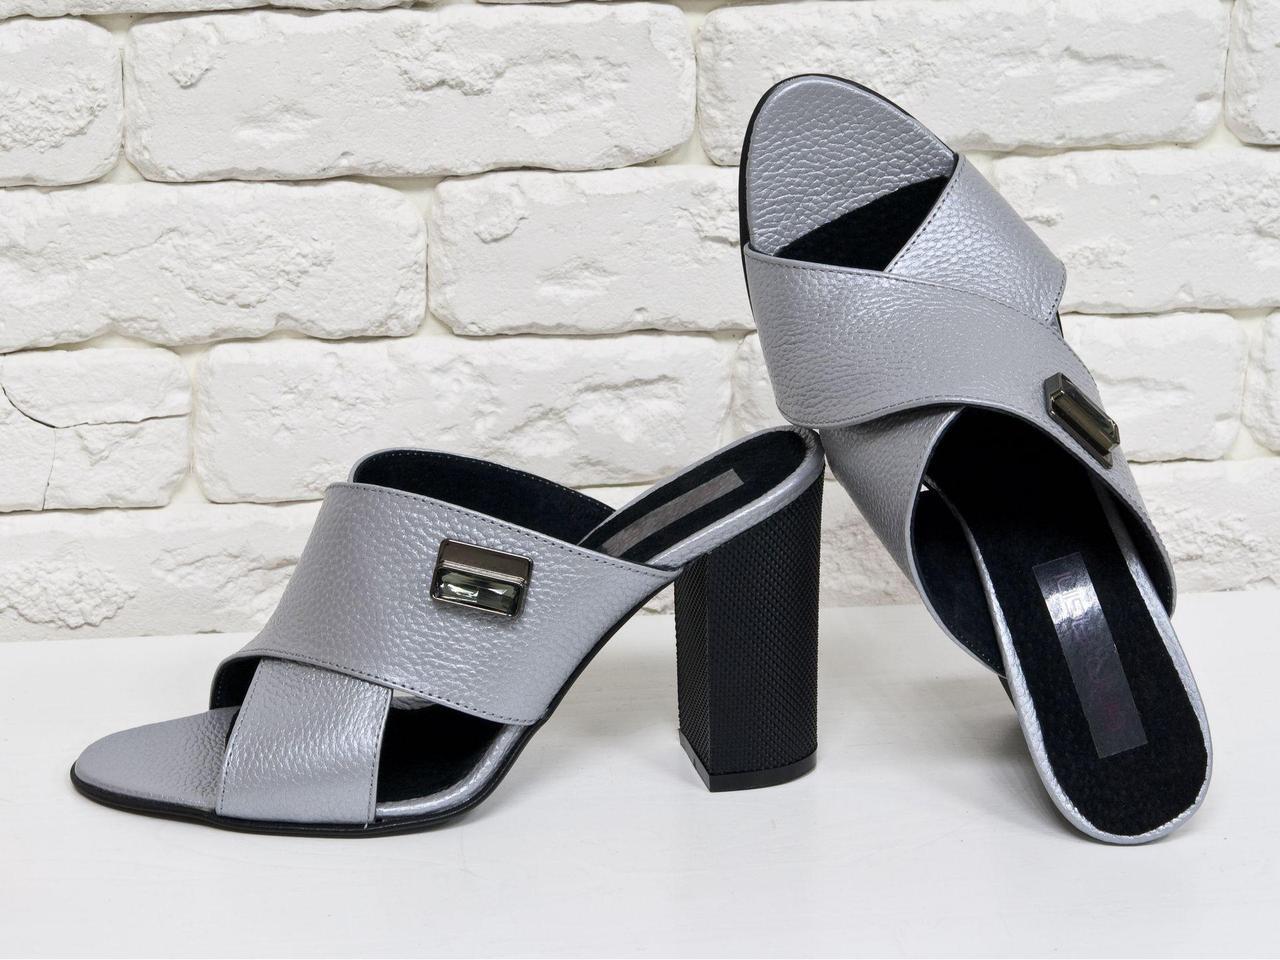 Шлепанцы из натуральной кожи серого цвета с легким перламутровым блеском, на утолщенном каблуке